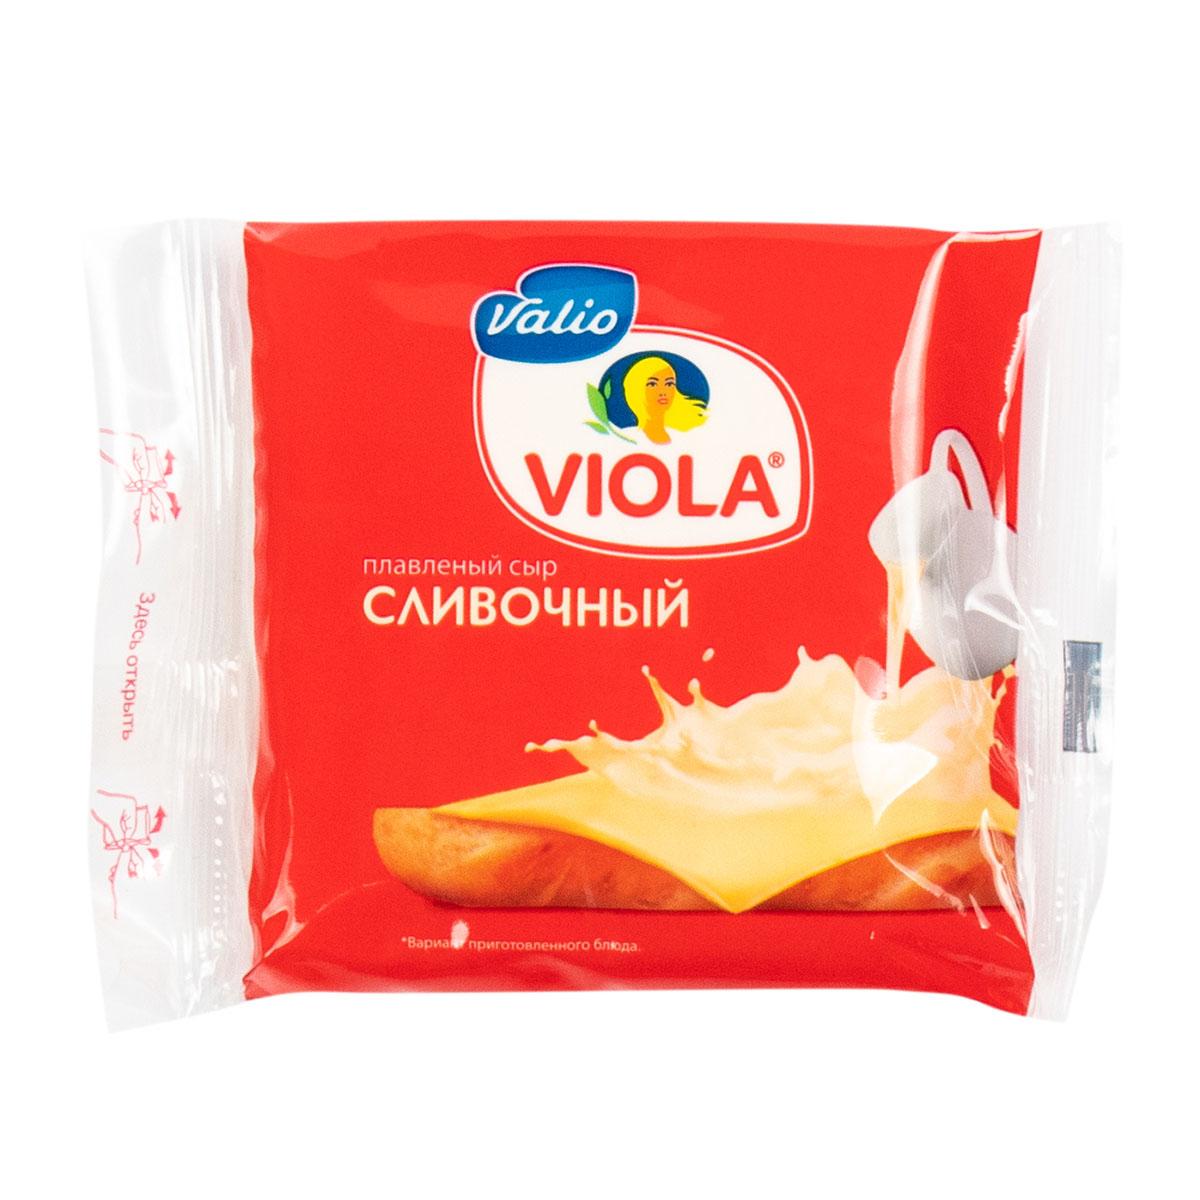 Viola сливочный